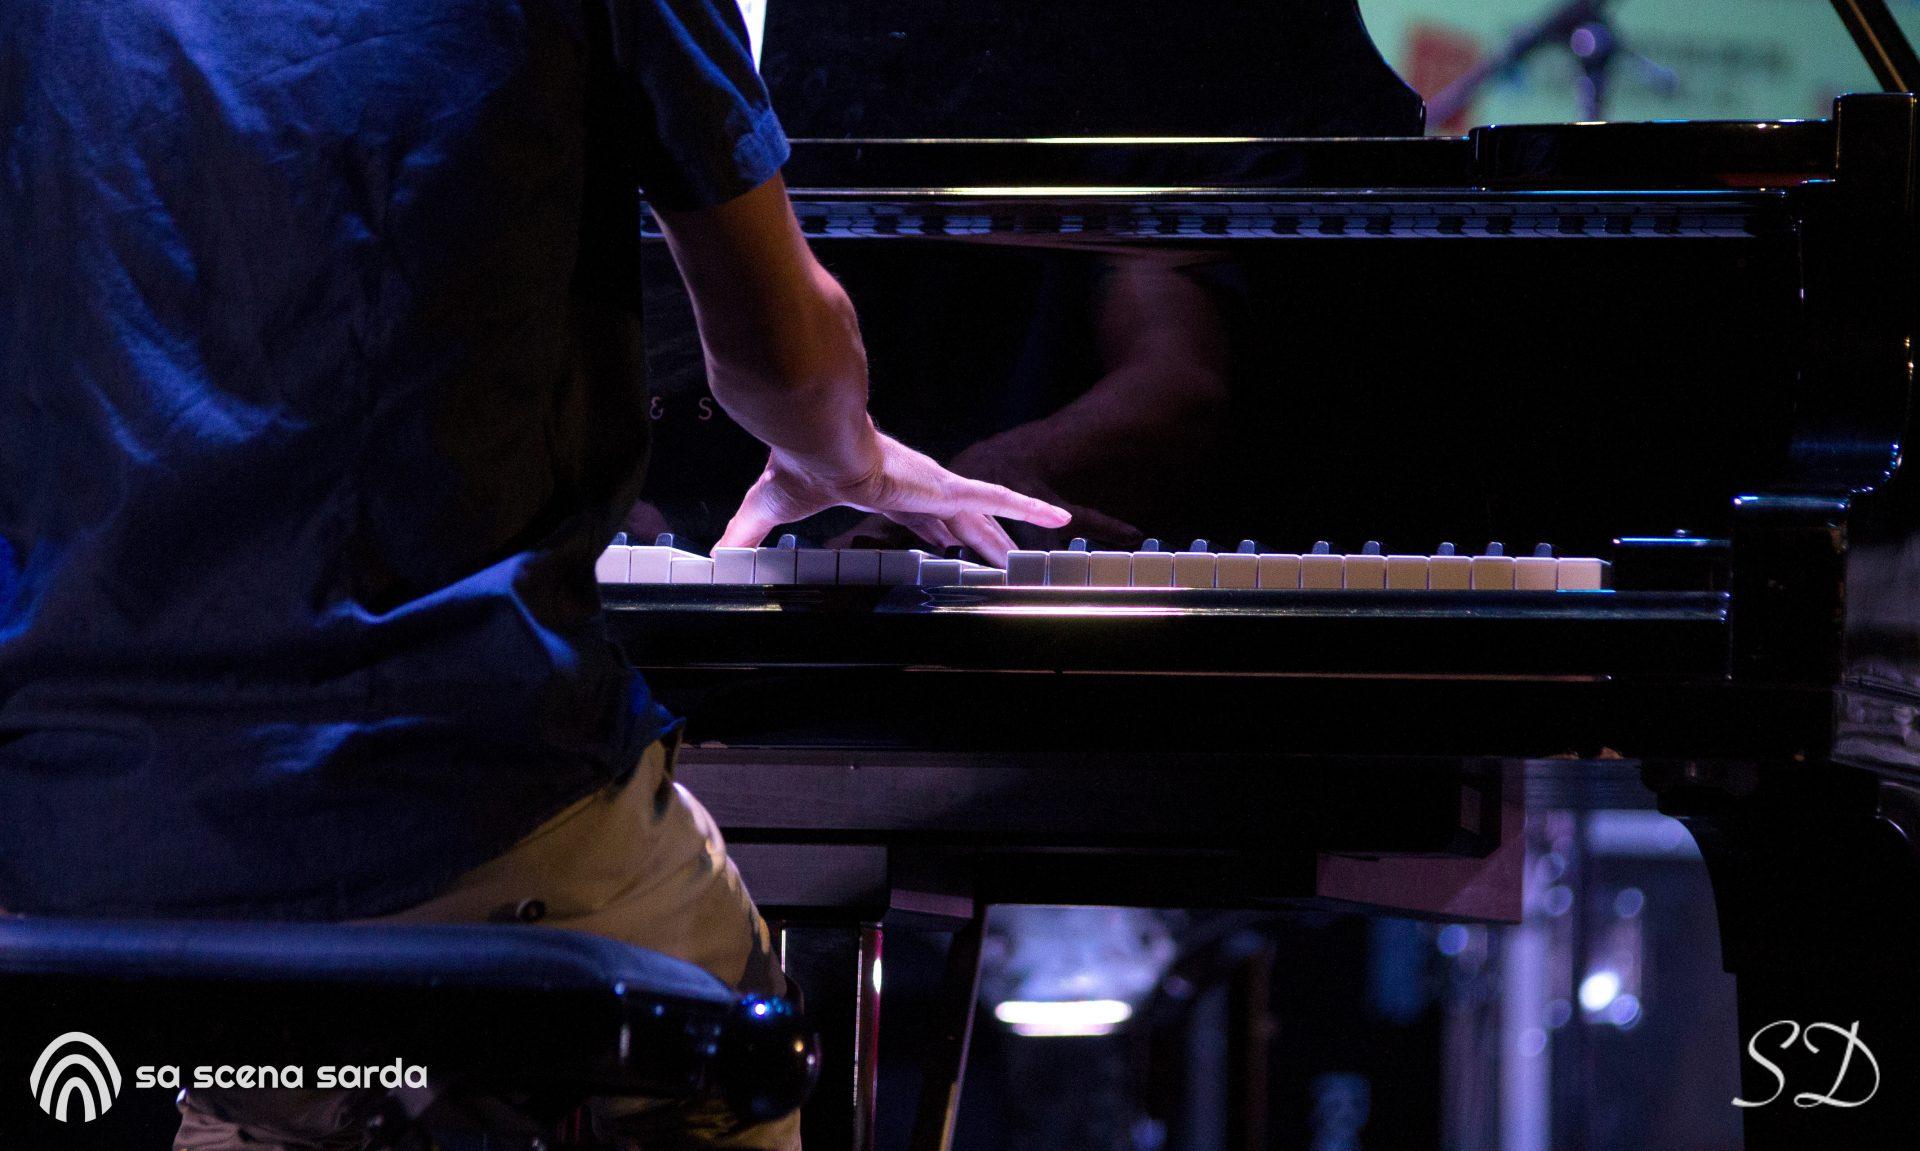 Forma e Poesia nel Jazz - Aranzolu Trio - Stefania Desotgiu - Auditorium Conservatorio - festival - fotoreport - XXIII edizione - 2020 - Sa Scena Sarda - 24 Settembre 2020